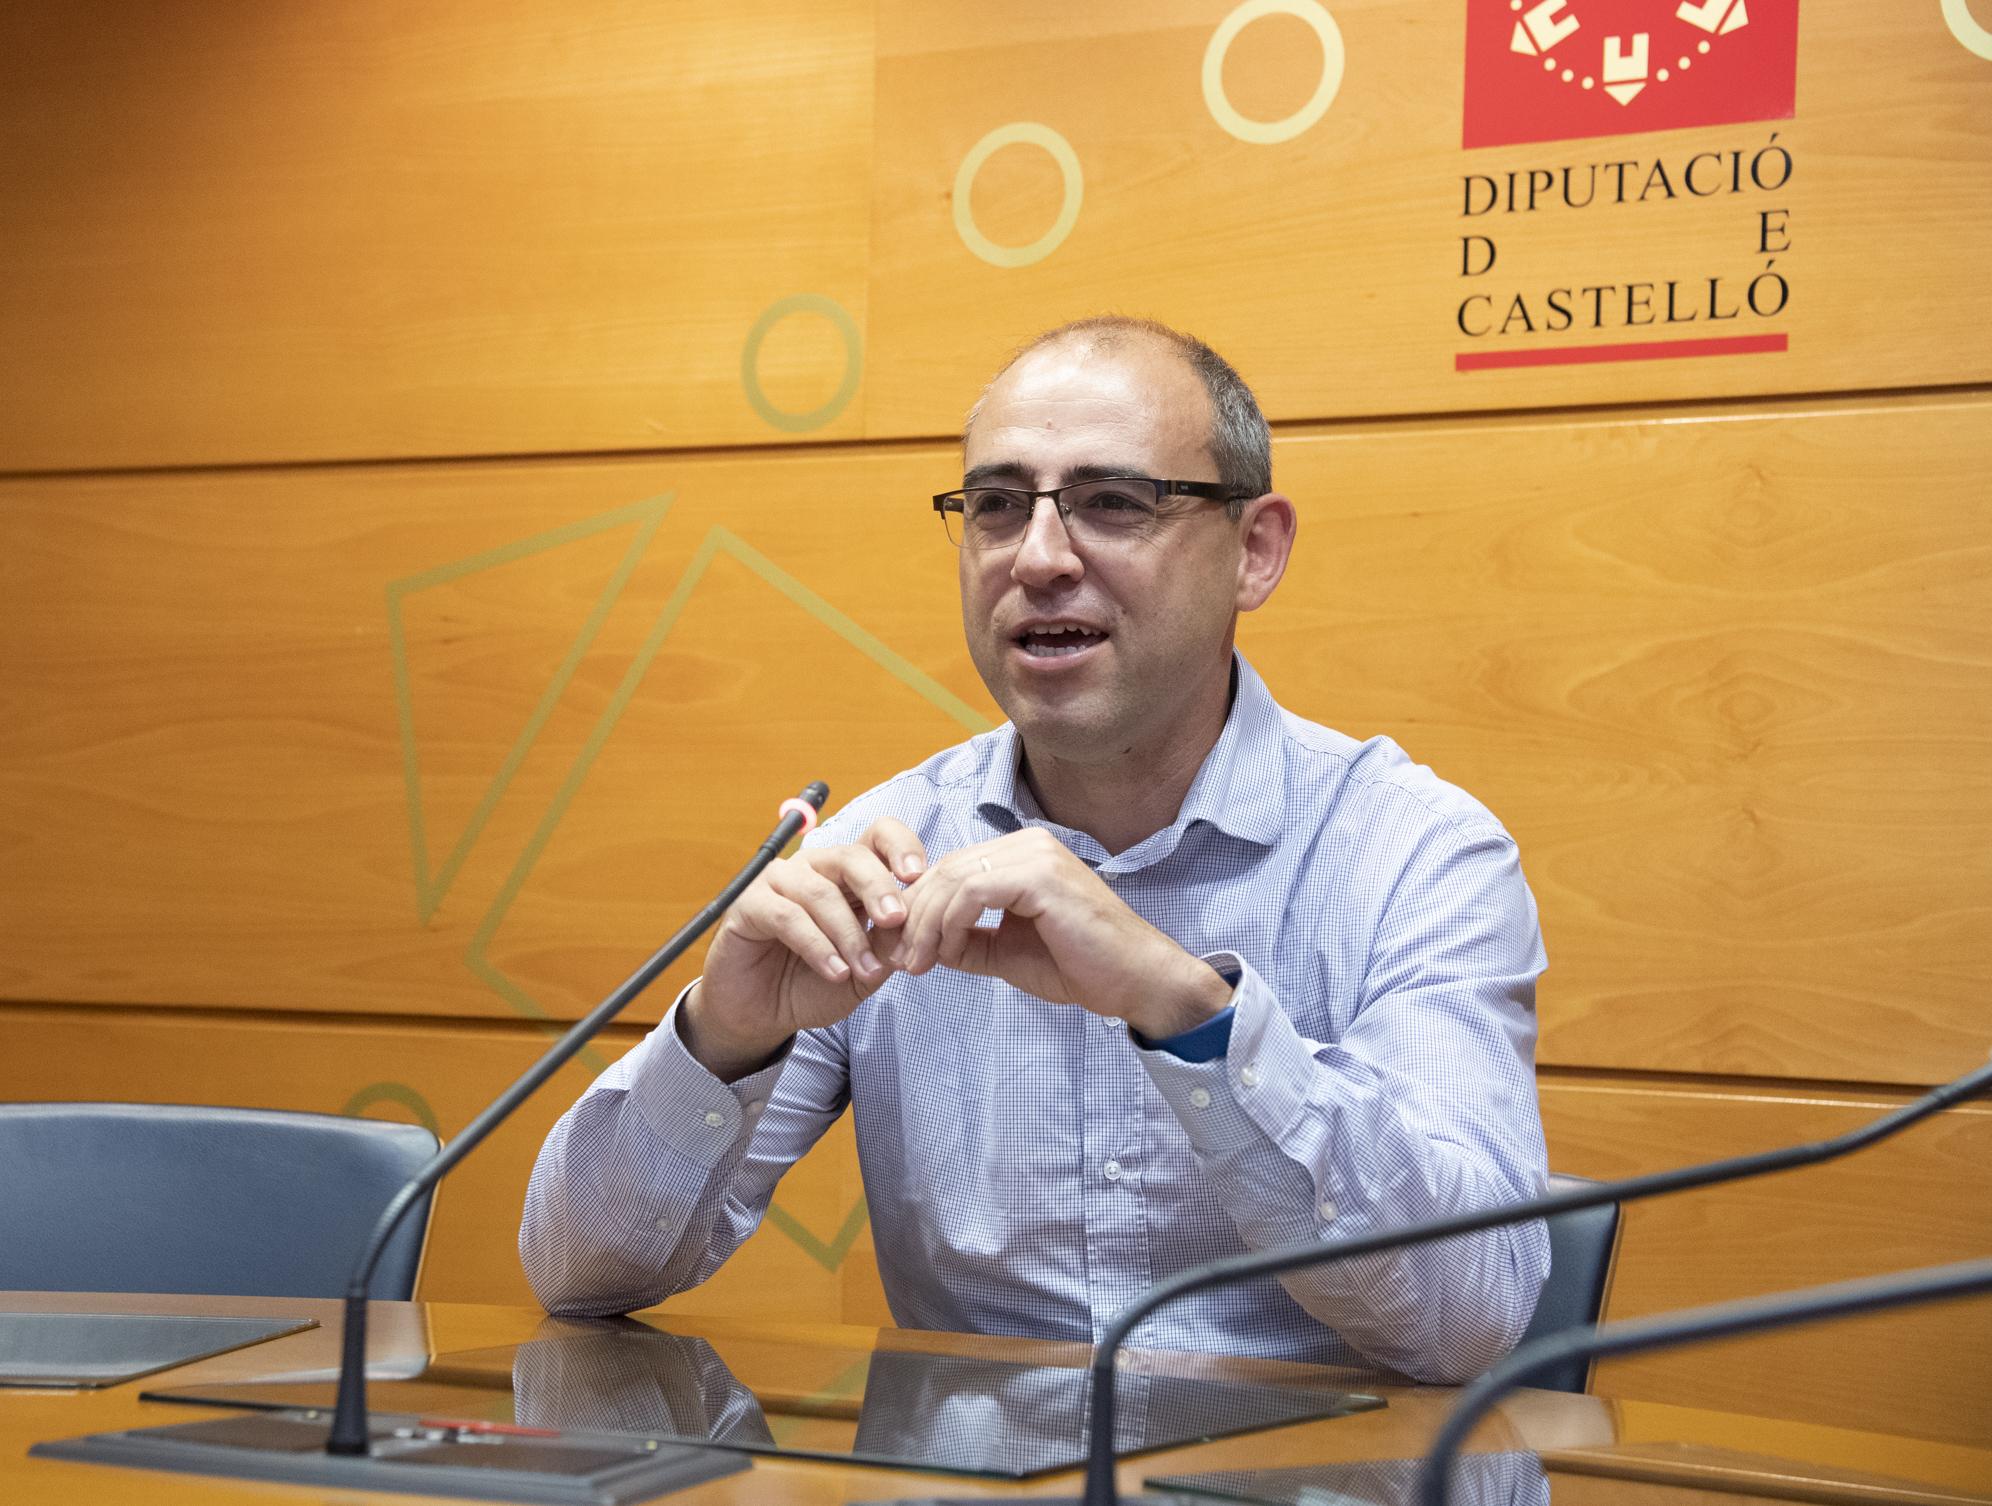 """Santi Pérez califica de """"grave"""" que el PP acuse al presidente de la Diputación de mentir en un pleno al atribuirle una frase que no dijo"""